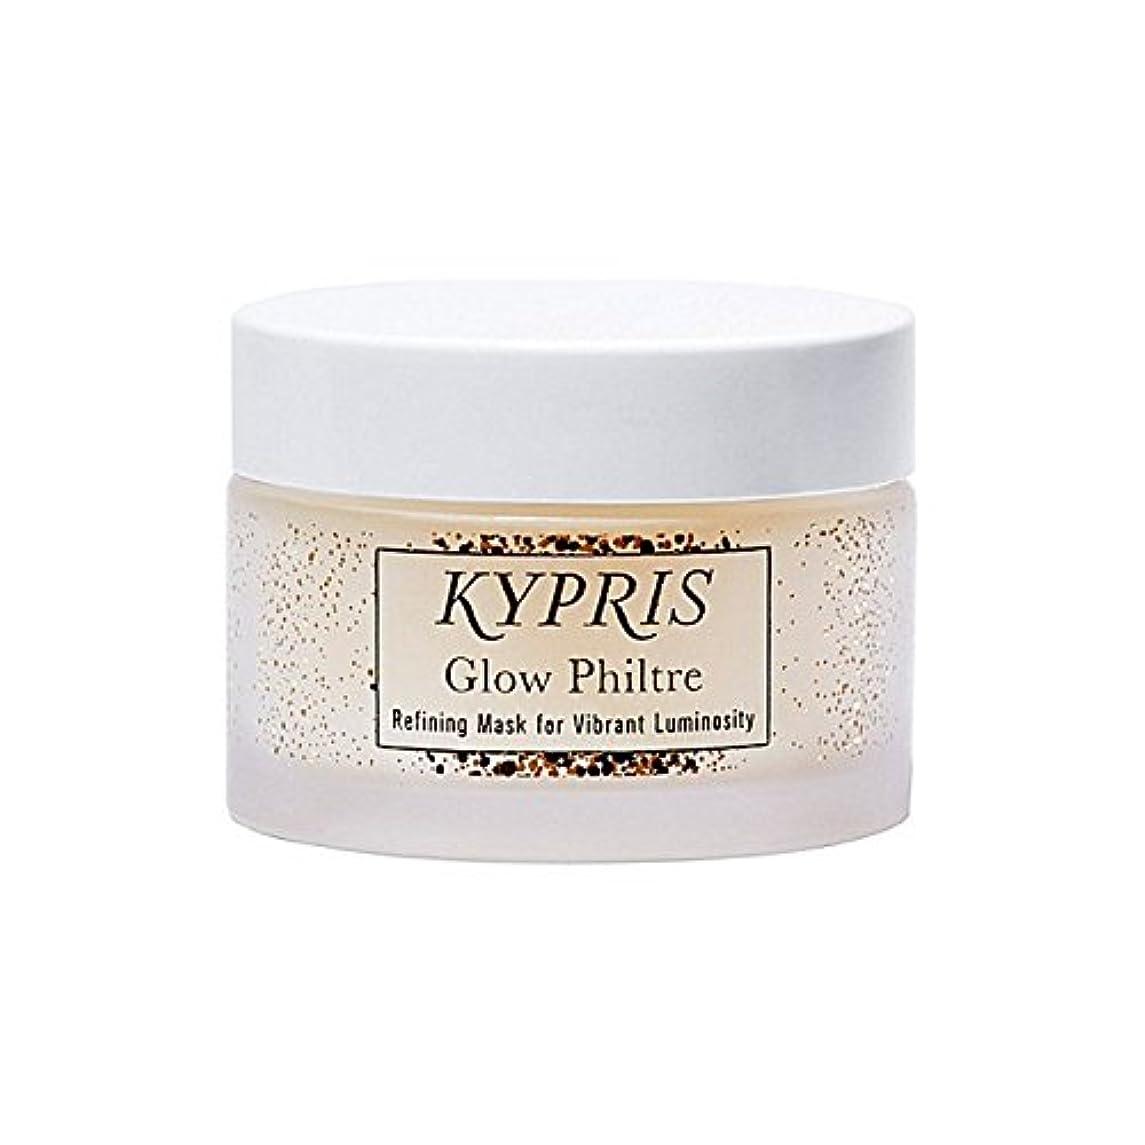 グローマスク x2 - Kypris Glow Philtre Mask (Pack of 2) [並行輸入品]